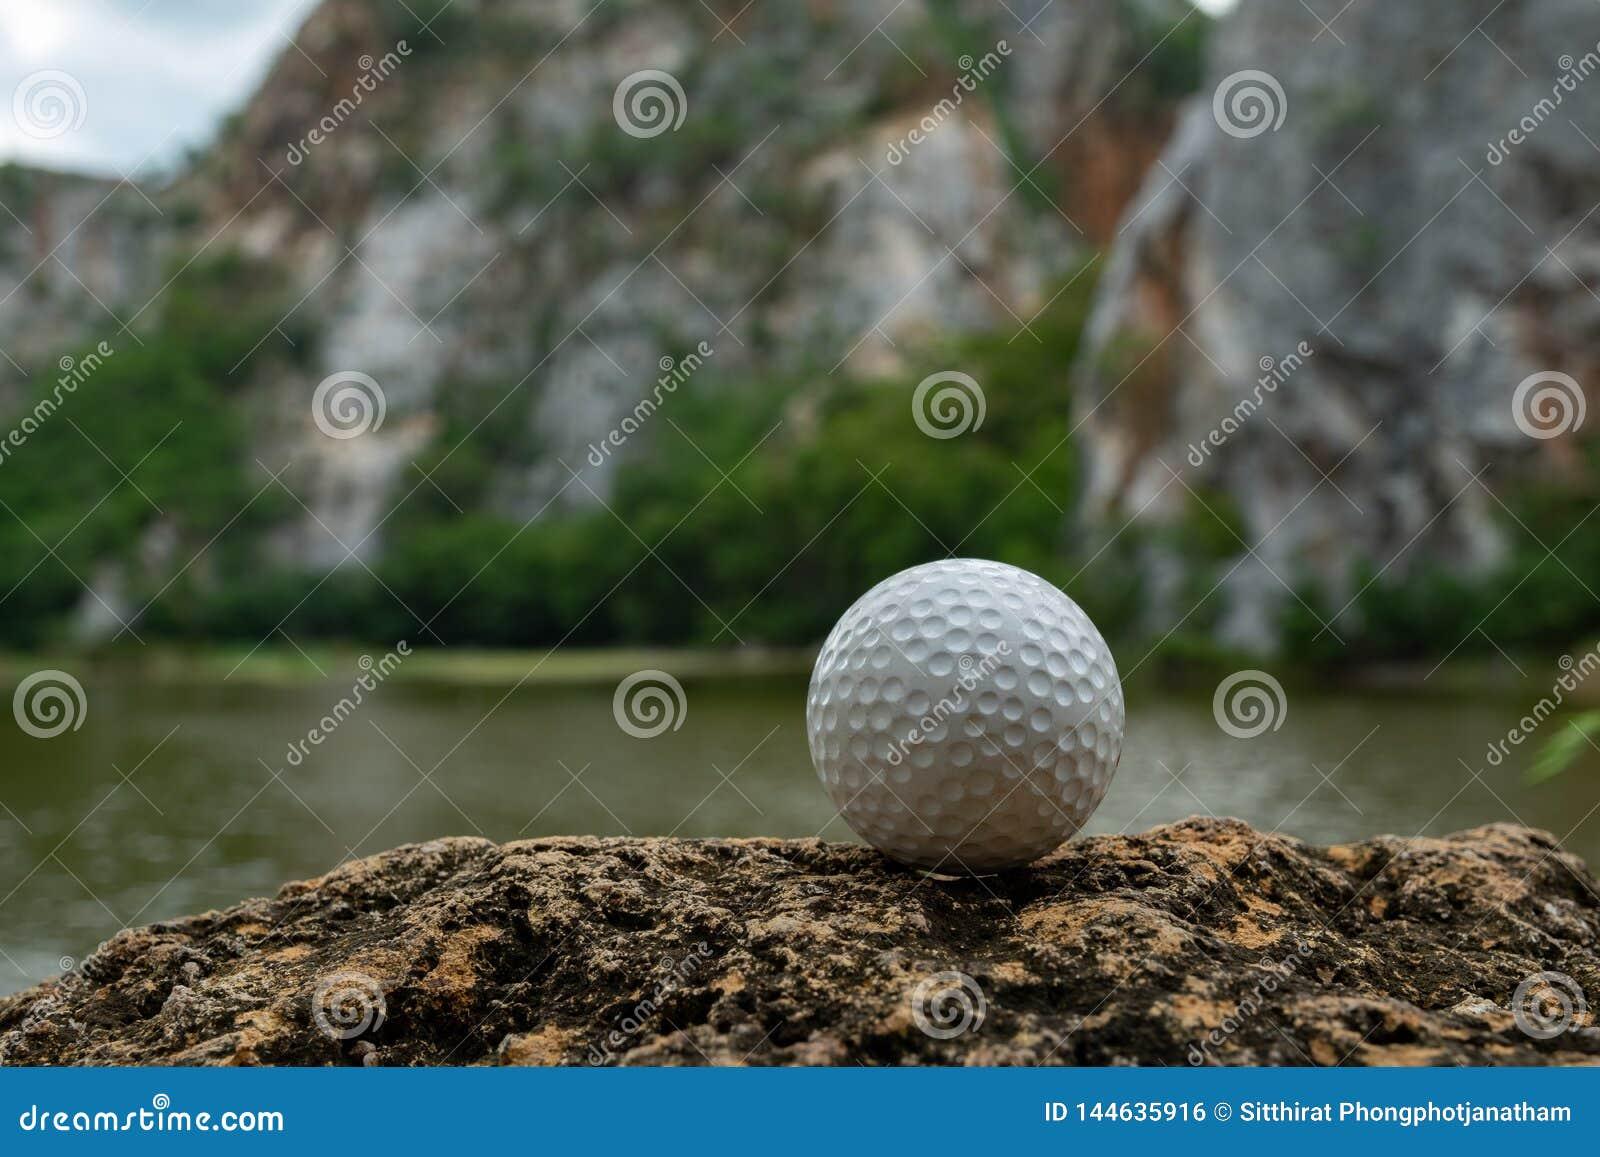 Golfball auf Gras nahe kleinem See